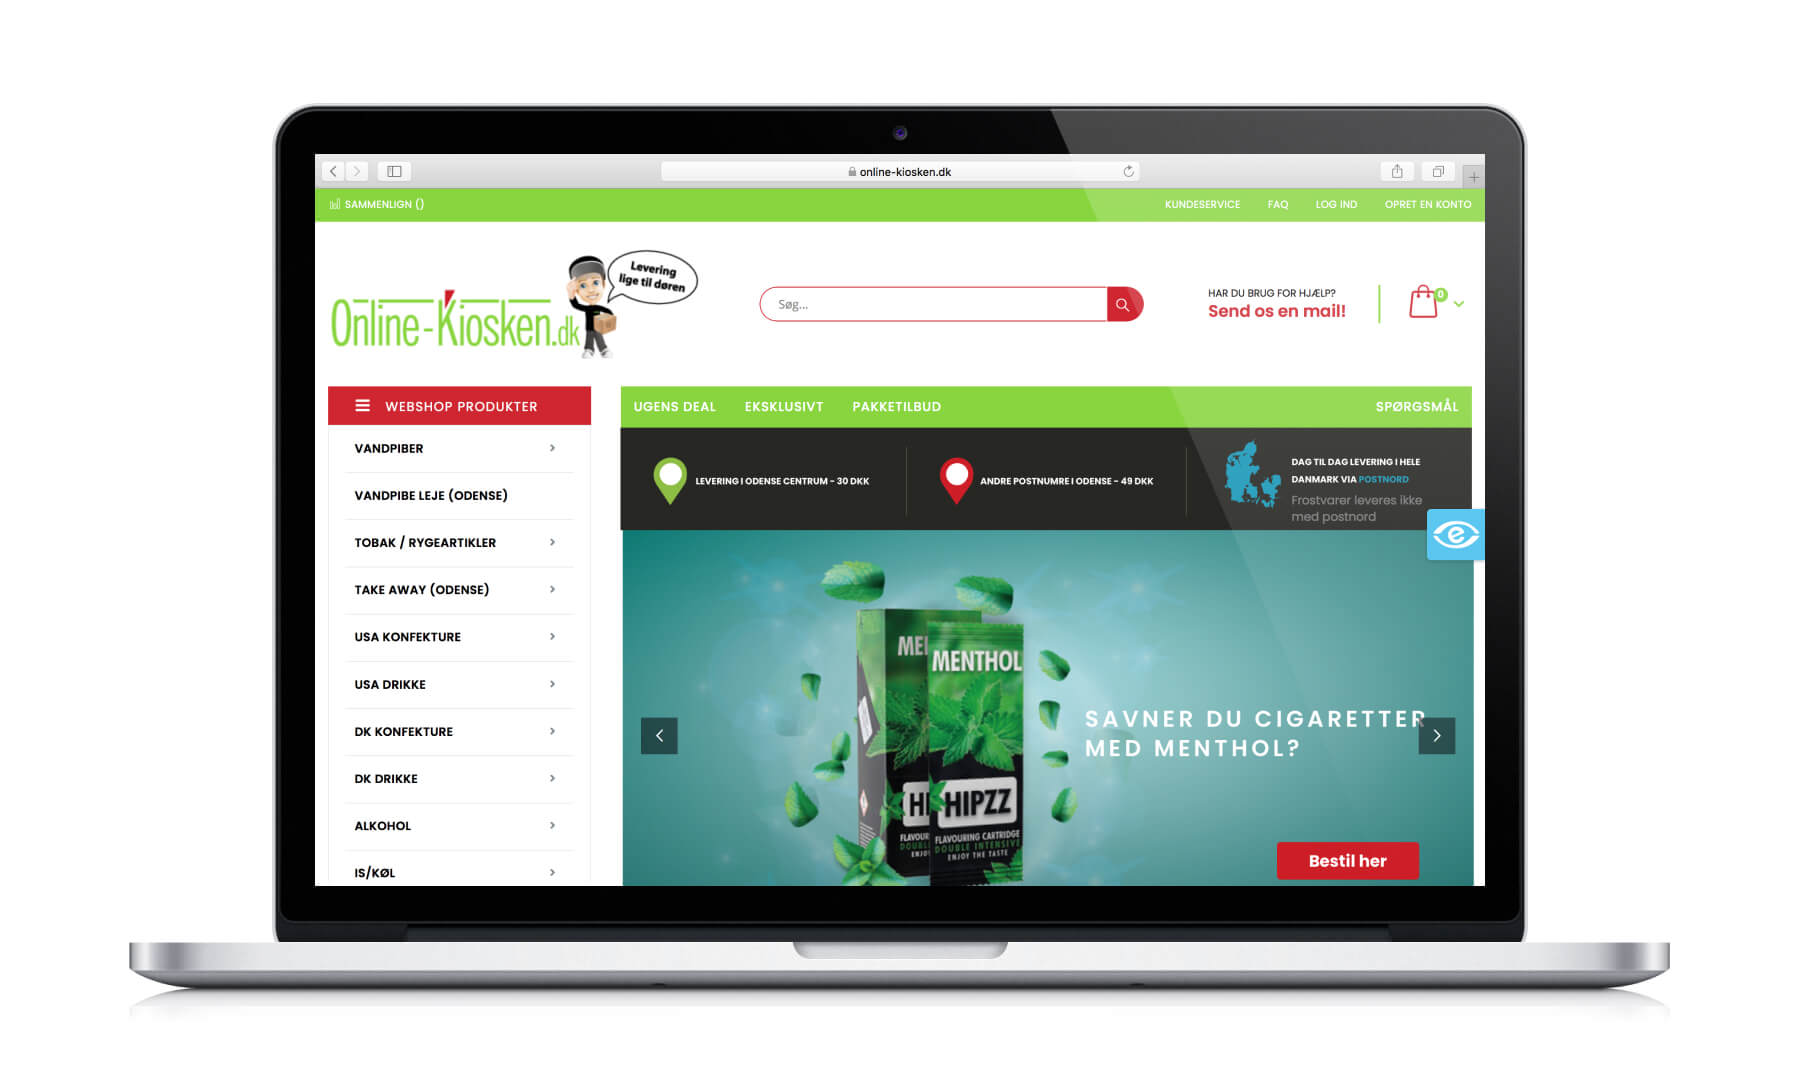 Online Kiosken